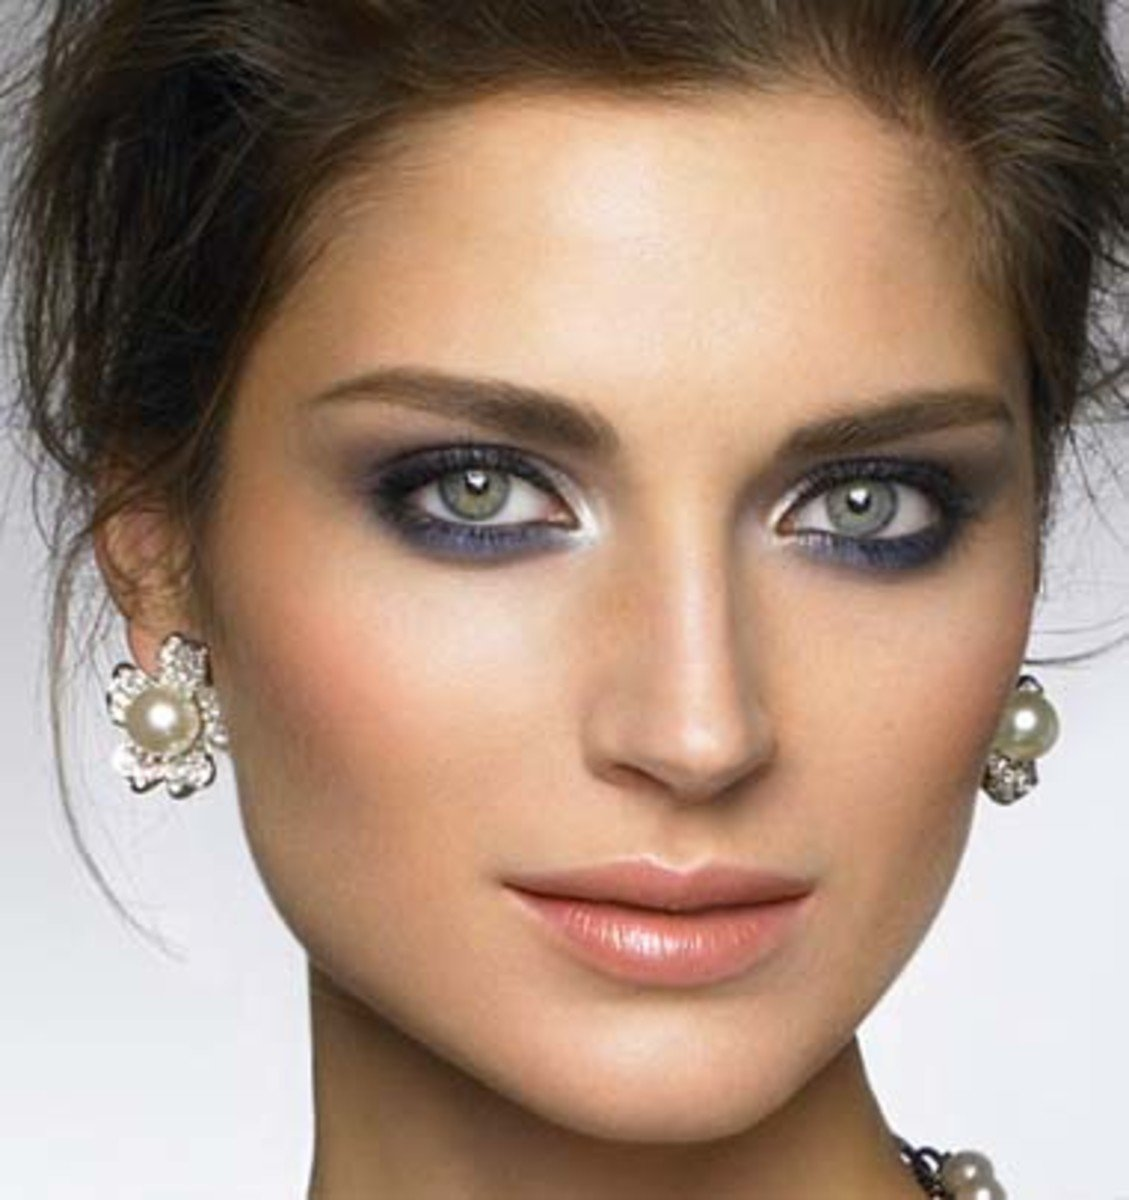 Макияж для серо голубых глаз и темных волос фото